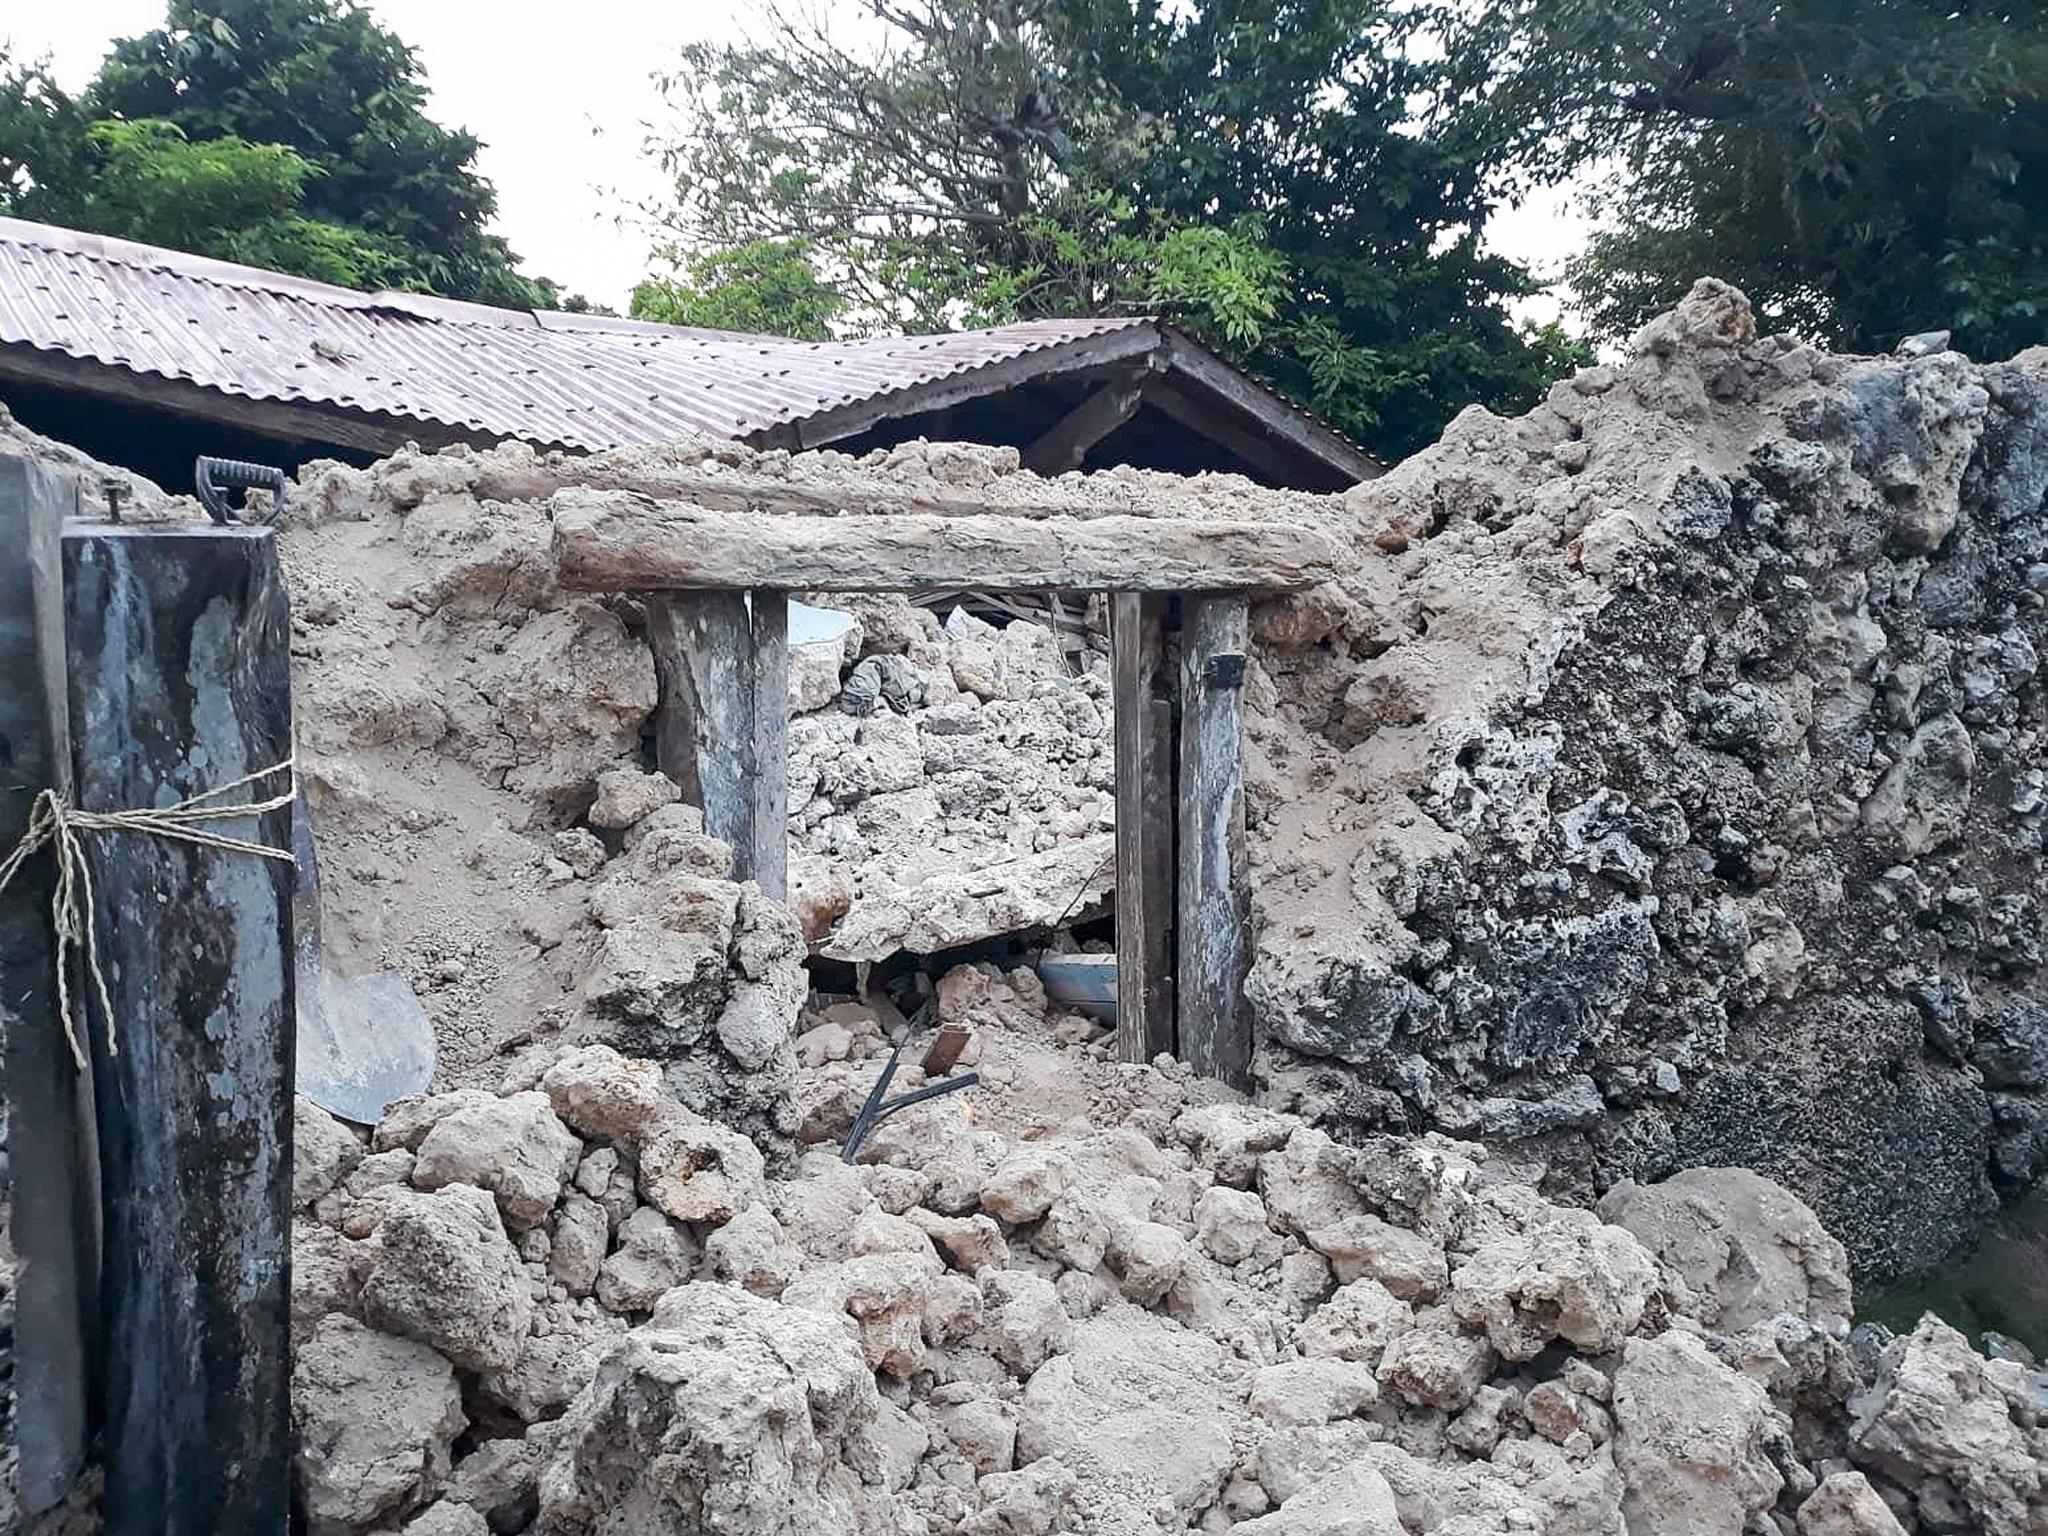 Двата труса бяха с магнитуд от 5,4 и 5,9, според американския Геофизически институт. Предупреждение за опасност от високи вълни цунами не е издавано. Много филипинци са спели при първия трус, усетен в 04.15 ч. местно време, последван след няколко часа от втори, по-мощен.